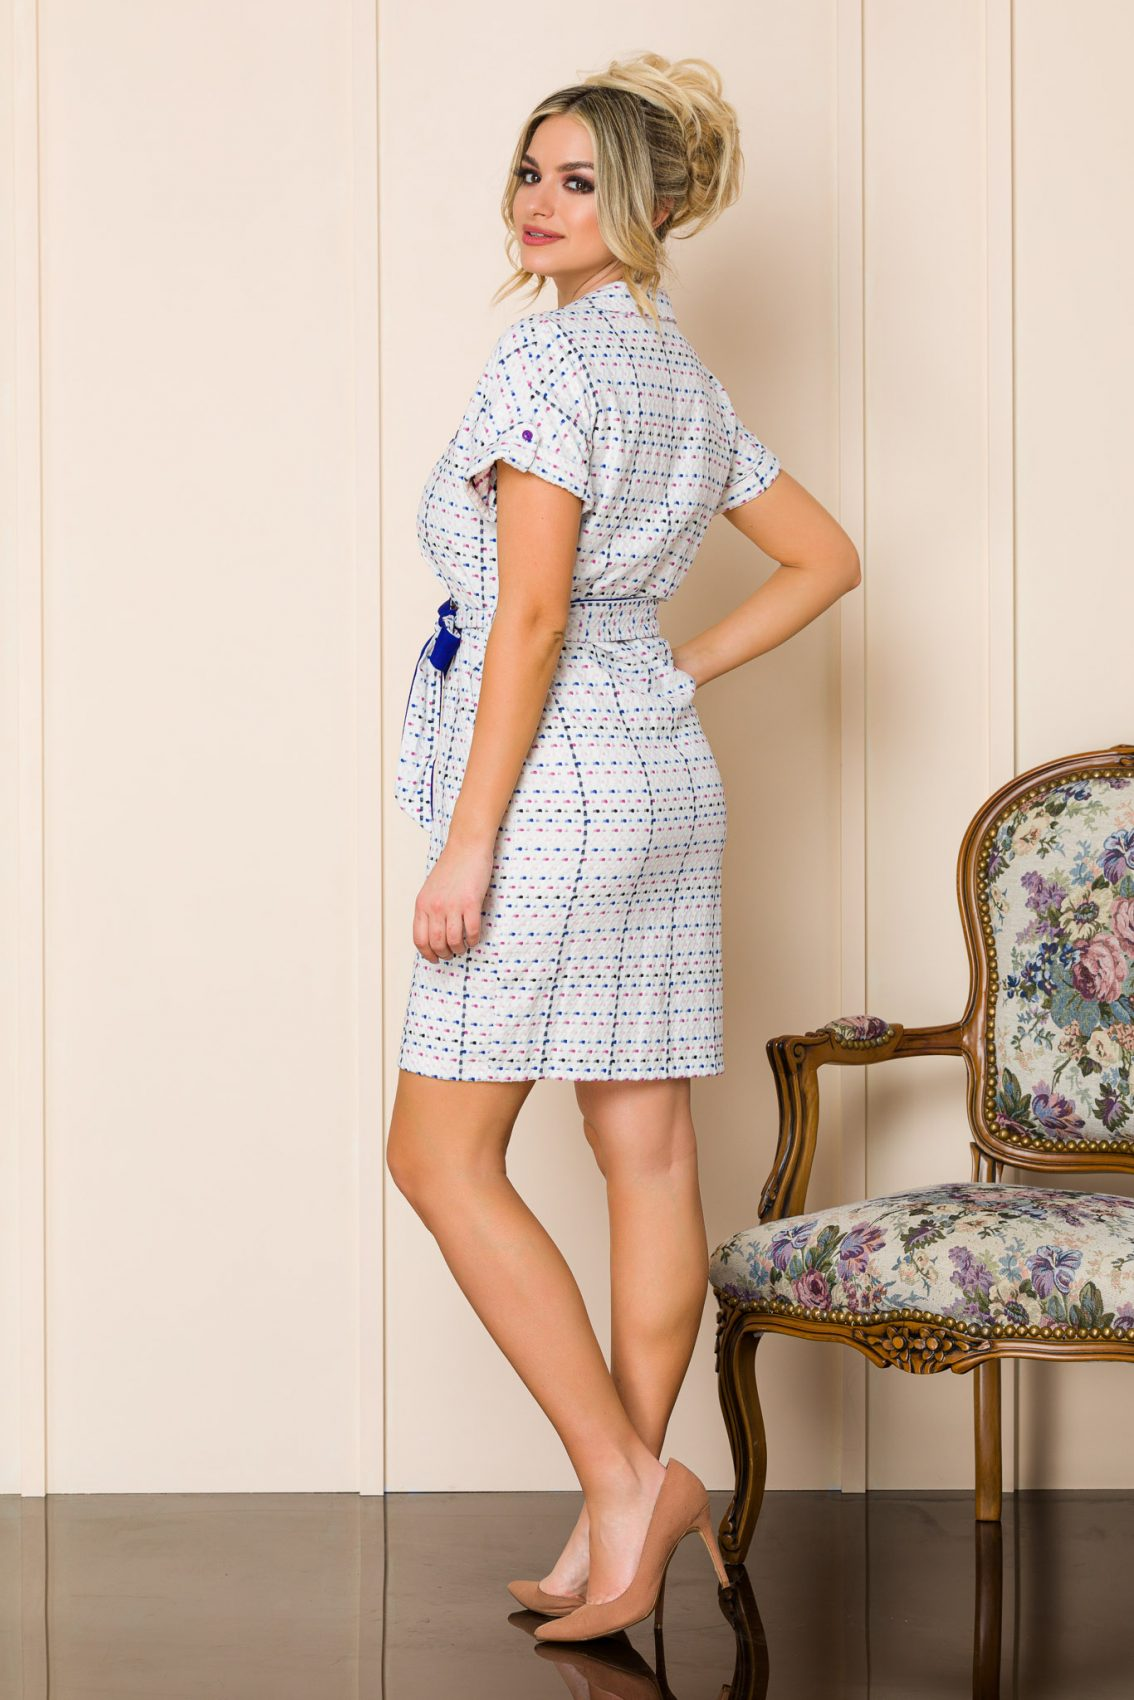 Καθημερινό Λευκό Φόρεμα Janelle 9893 4